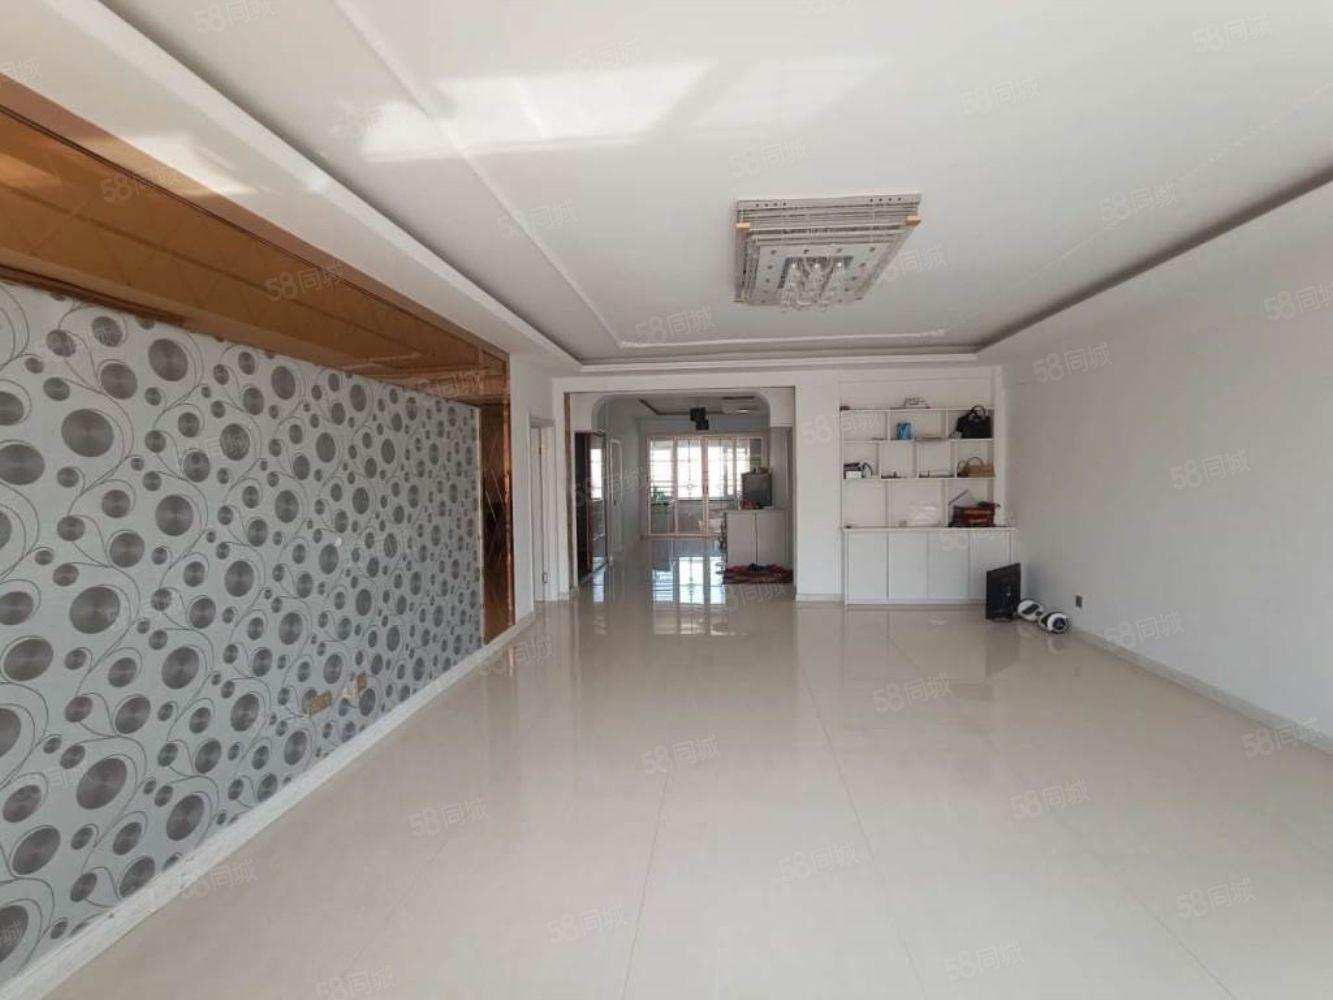 聚鑫佳苑顶楼电梯房139.48平可贷款南北通透两室